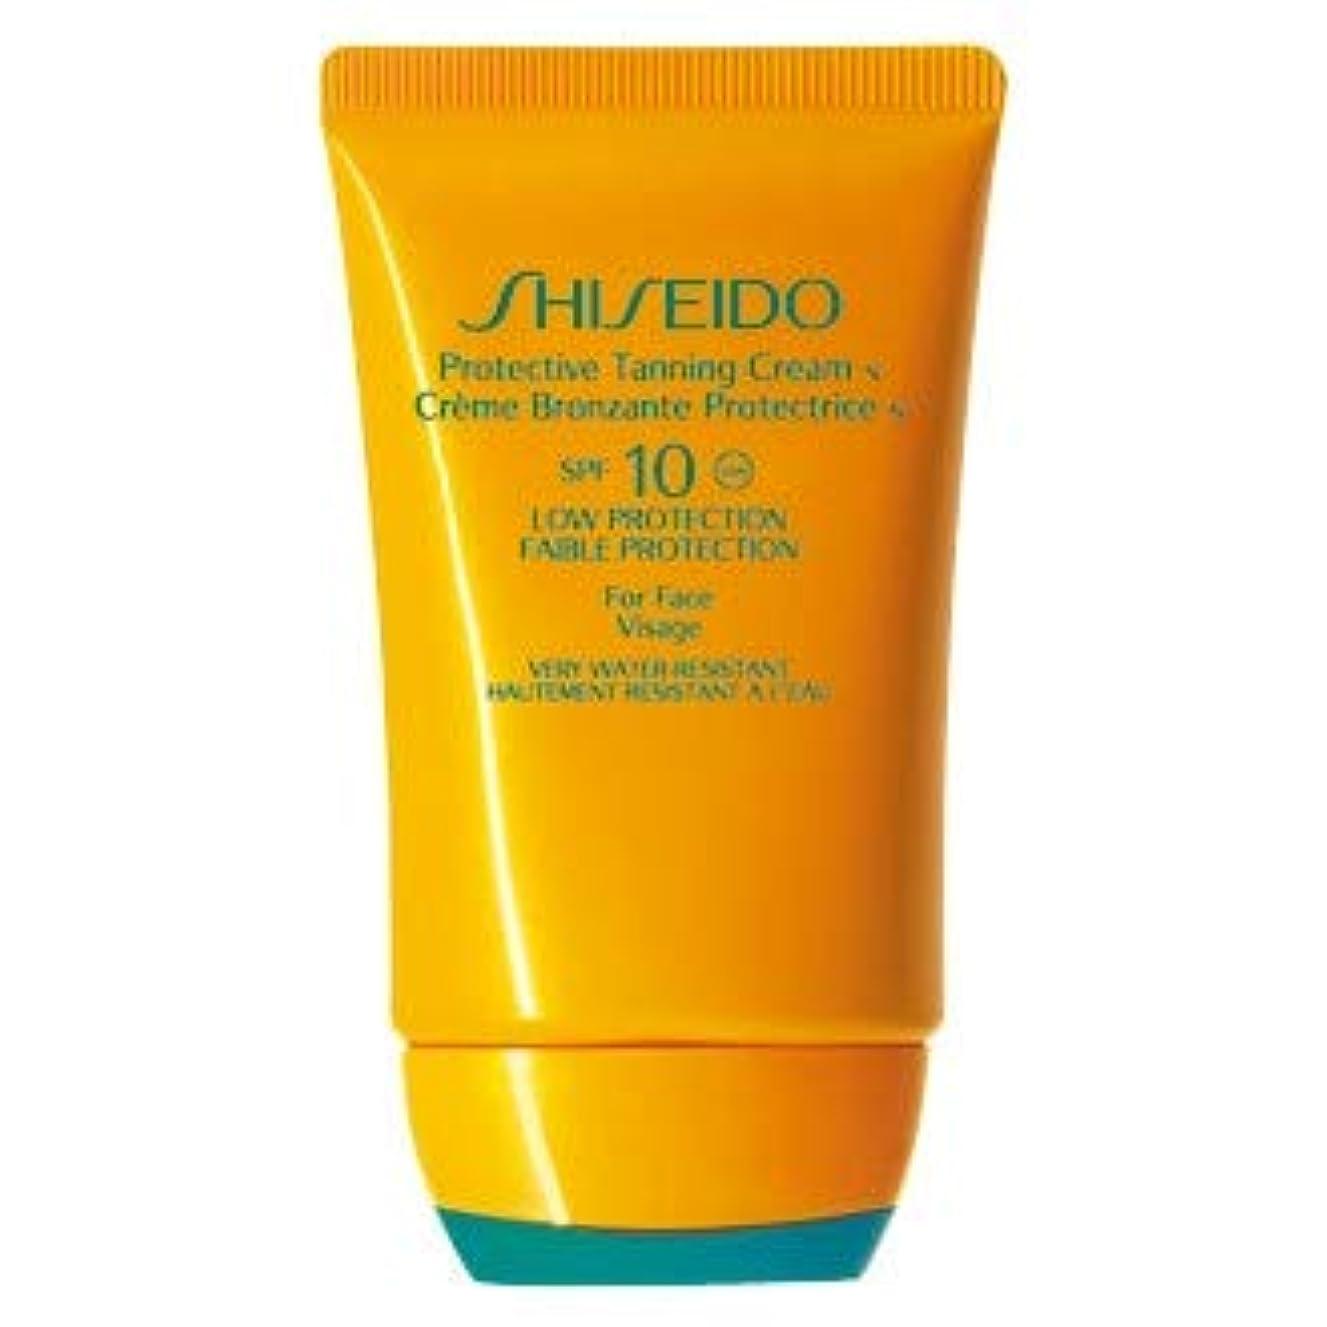 マルクス主義者早める一般的に言えば[Shiseido] 資生堂保護日焼けクリームN Spf 10 50ミリリットル - Shiseido Protective Tanning Cream N Spf 10 50ml [並行輸入品]